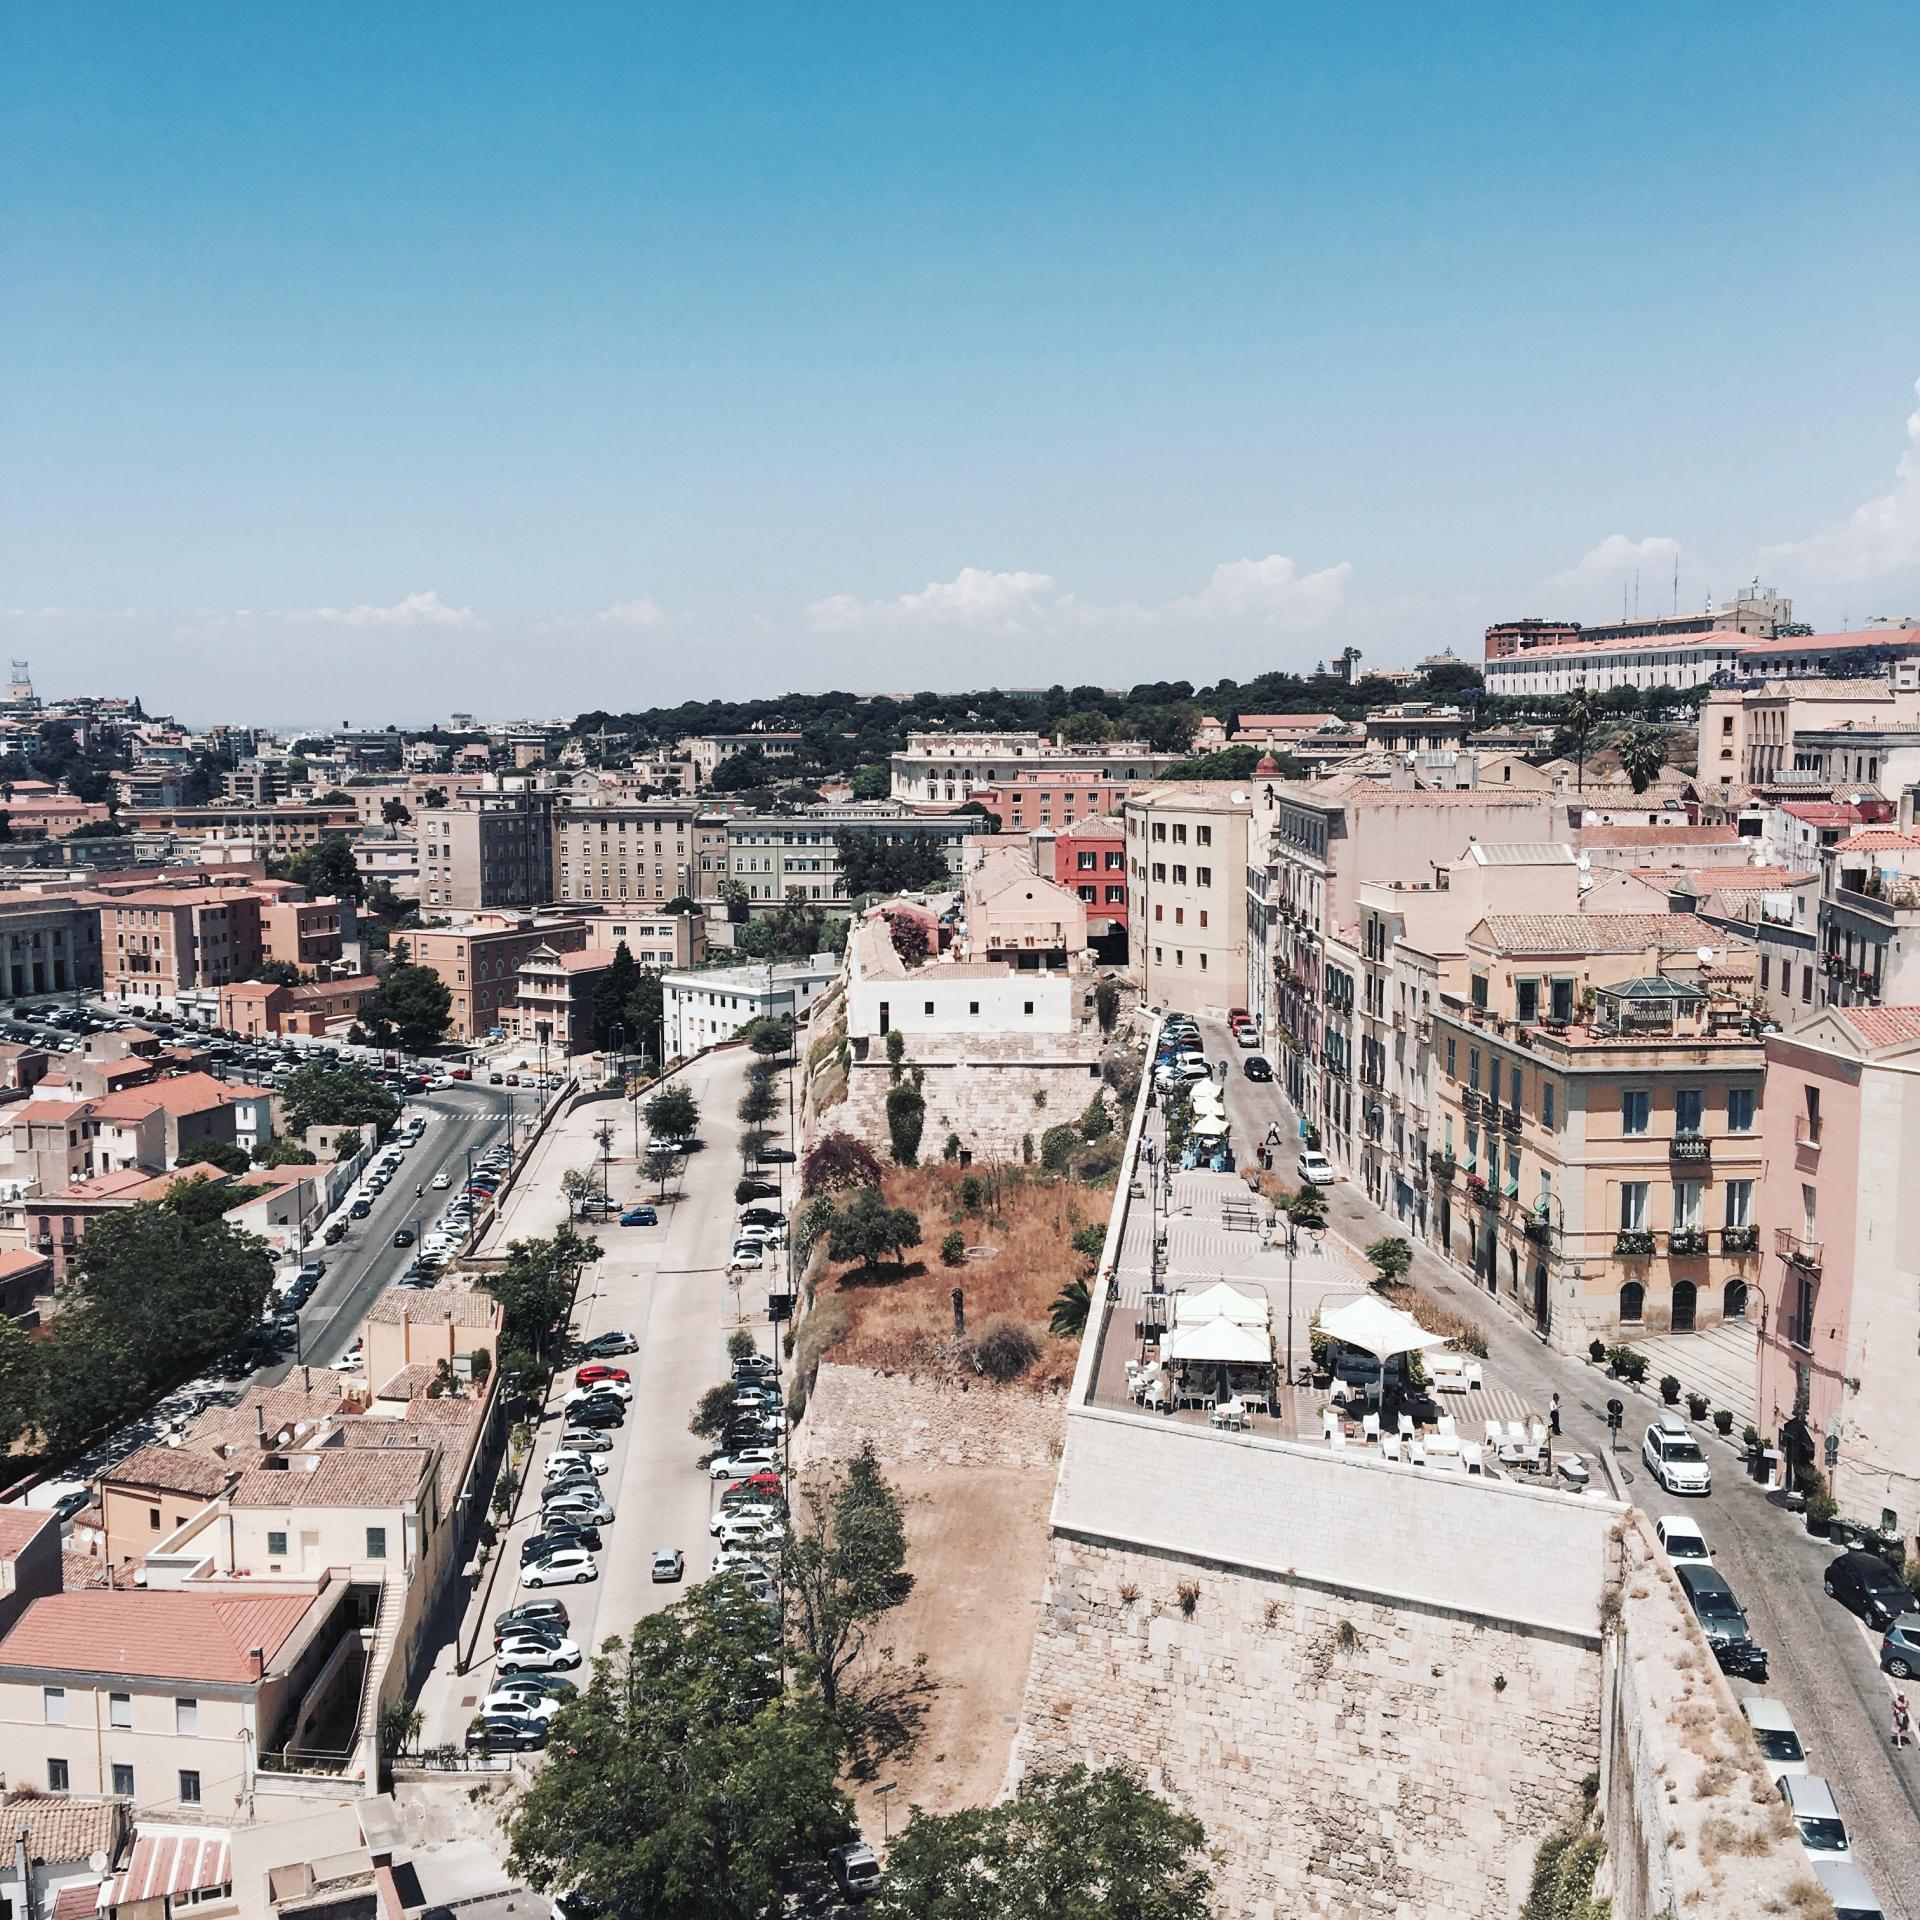 Mon voyage en Sardaigne entre copines 2